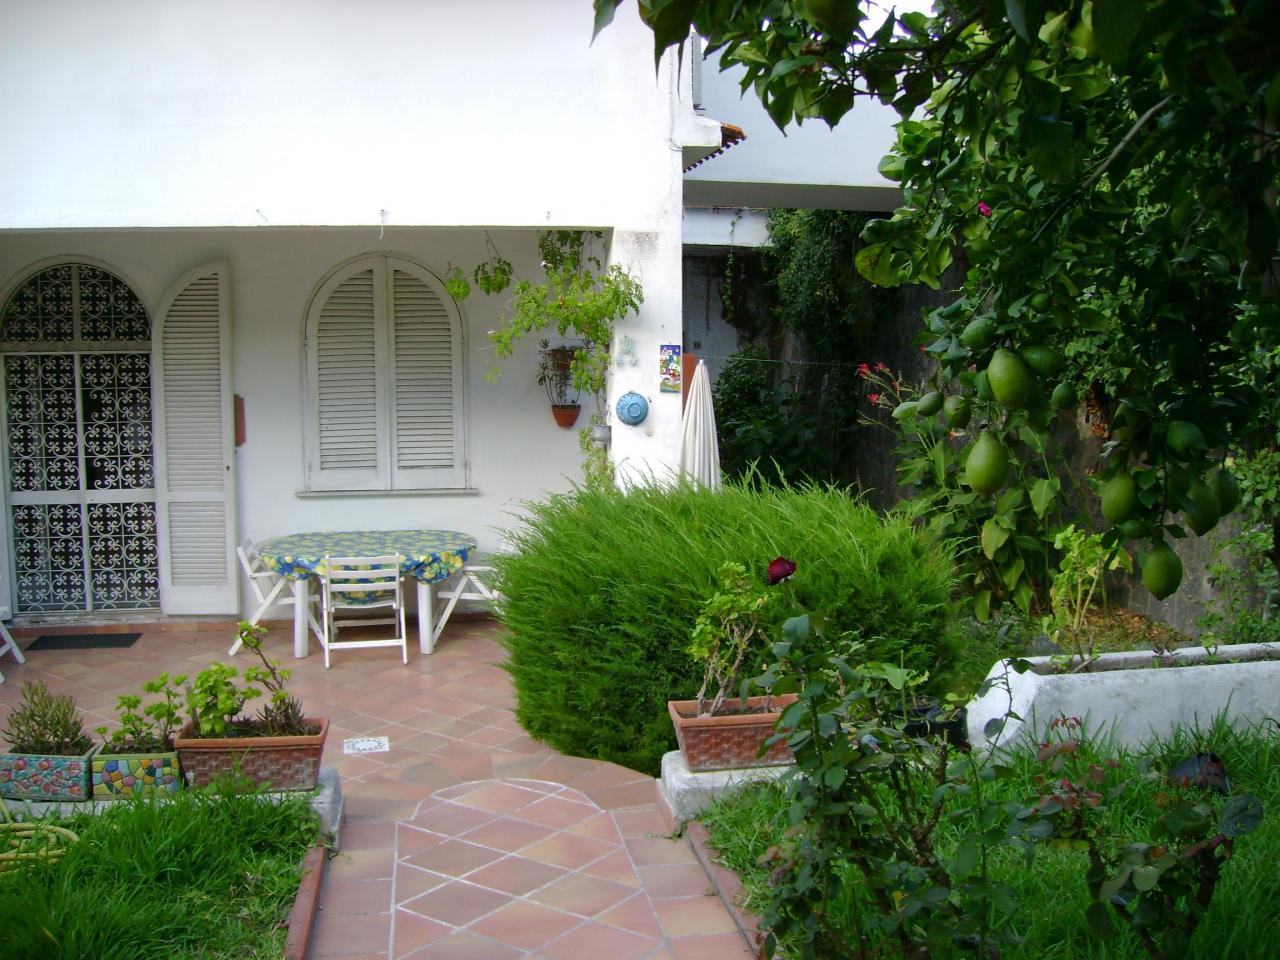 Appartamento in vendita a Ischia, 5 locali, zona Località: IschiaPorto, prezzo € 300.000 | Cambio Casa.it